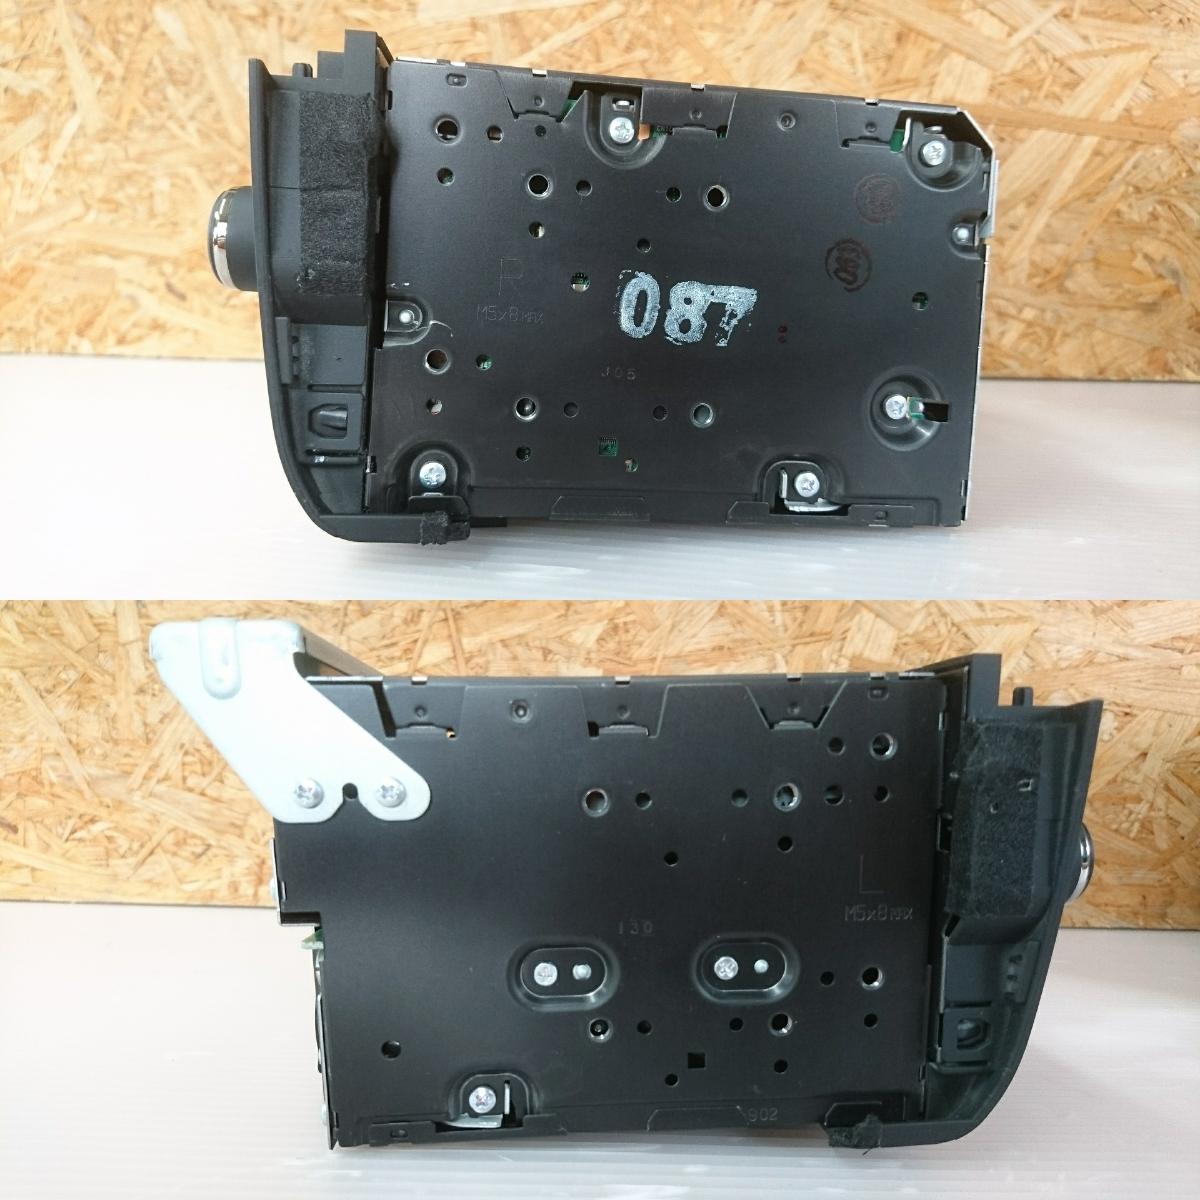 管u300504-0603 レクサス LEXUS GS460 URS190 / 純正 カー オーディオ CD&MD デッキ 動作確認済 良品 GS350 GS450 GS430 GRS_画像10